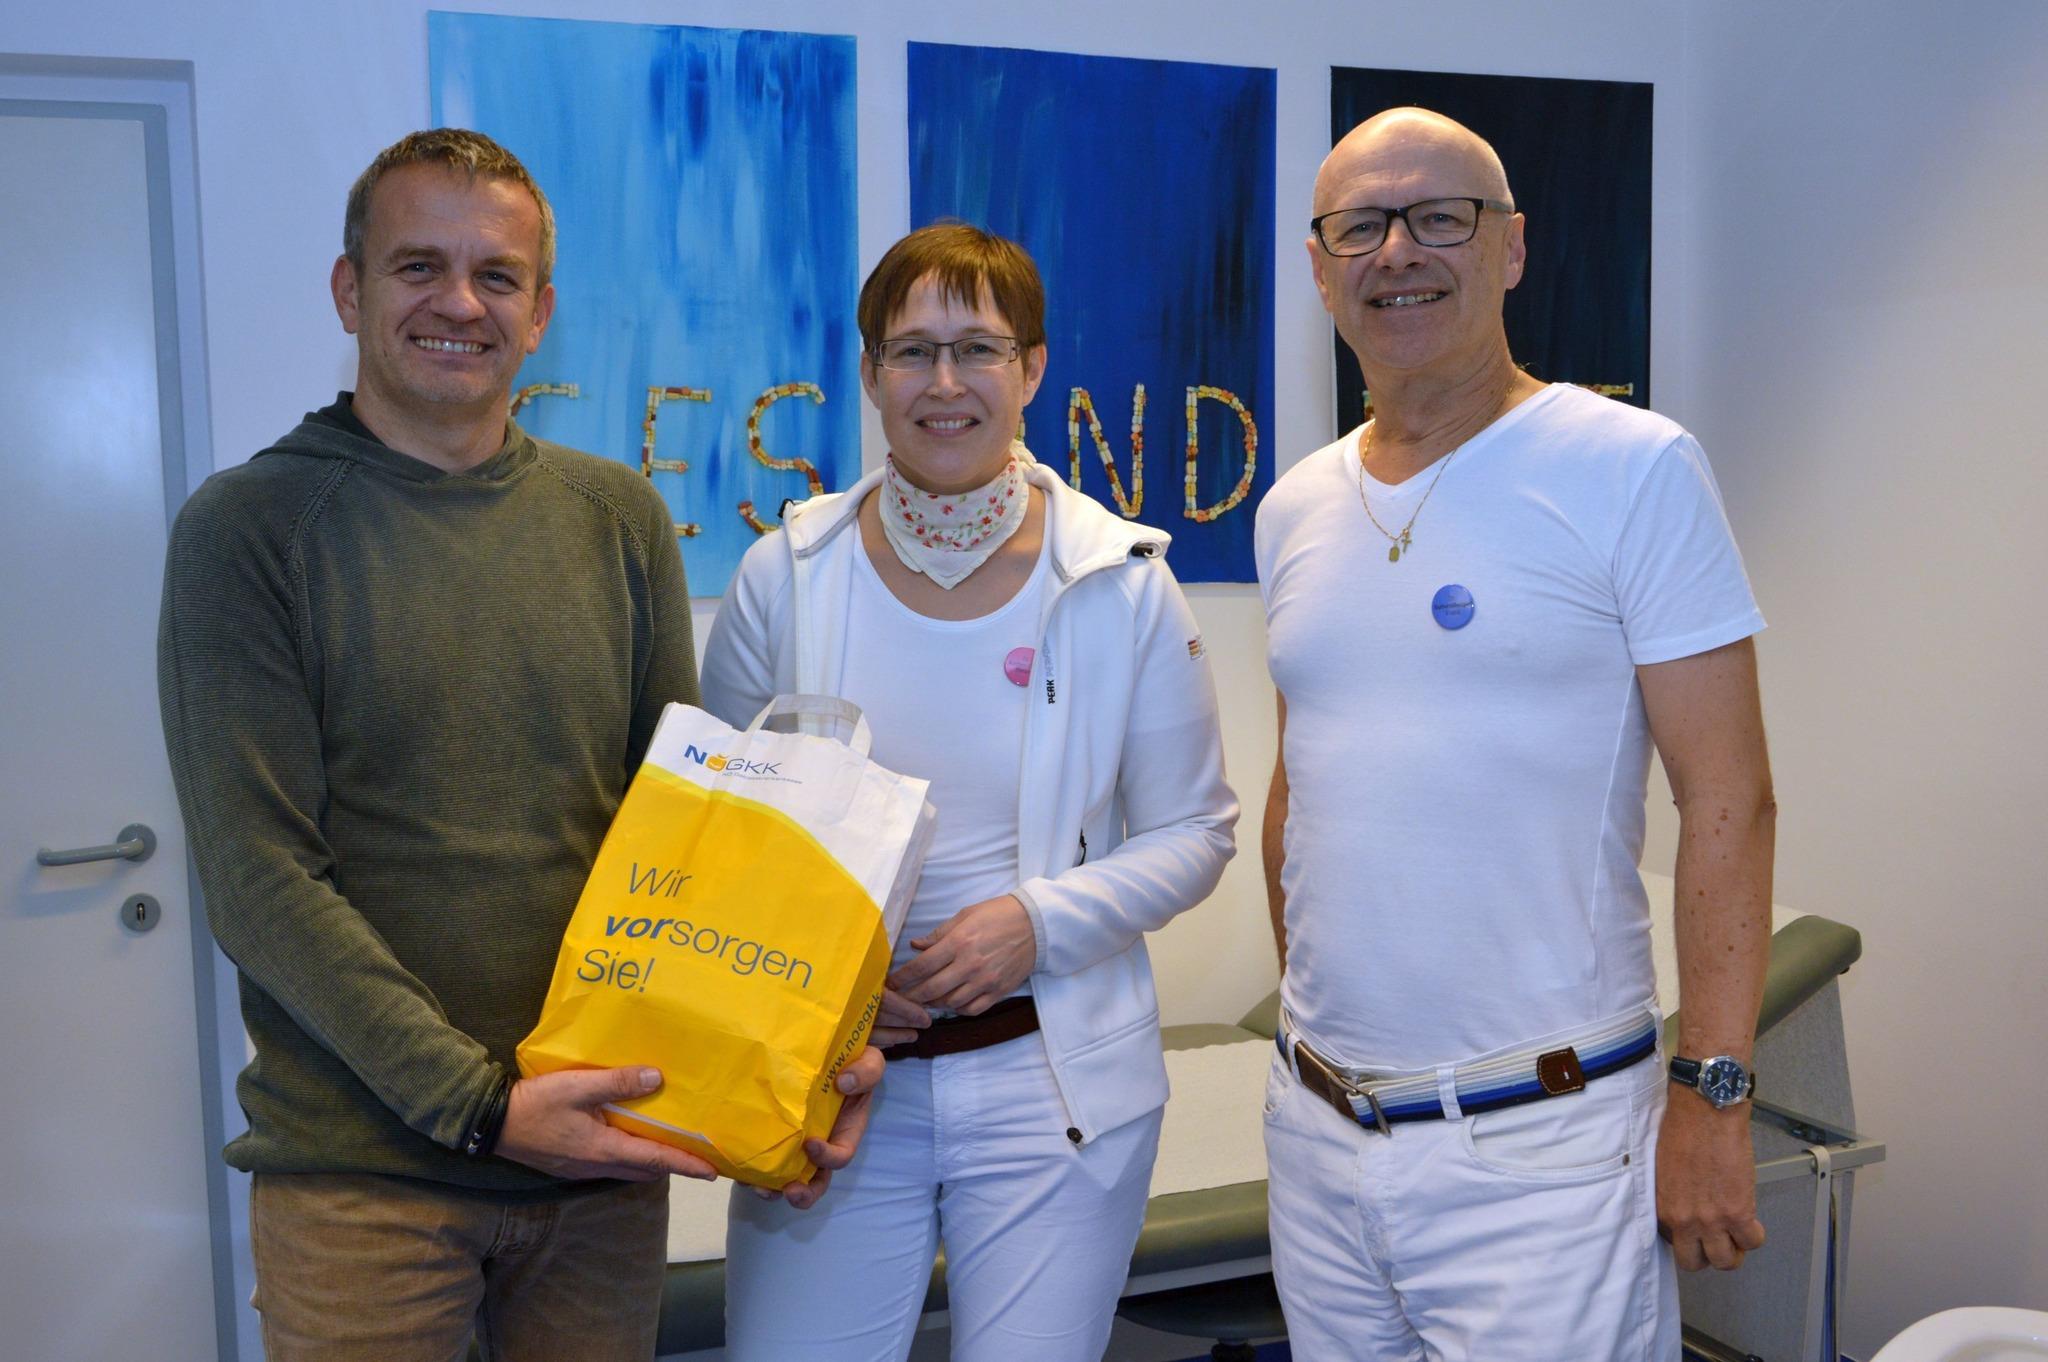 Partnersuche ab 60 unterwagram Sex treffen dsseldorf